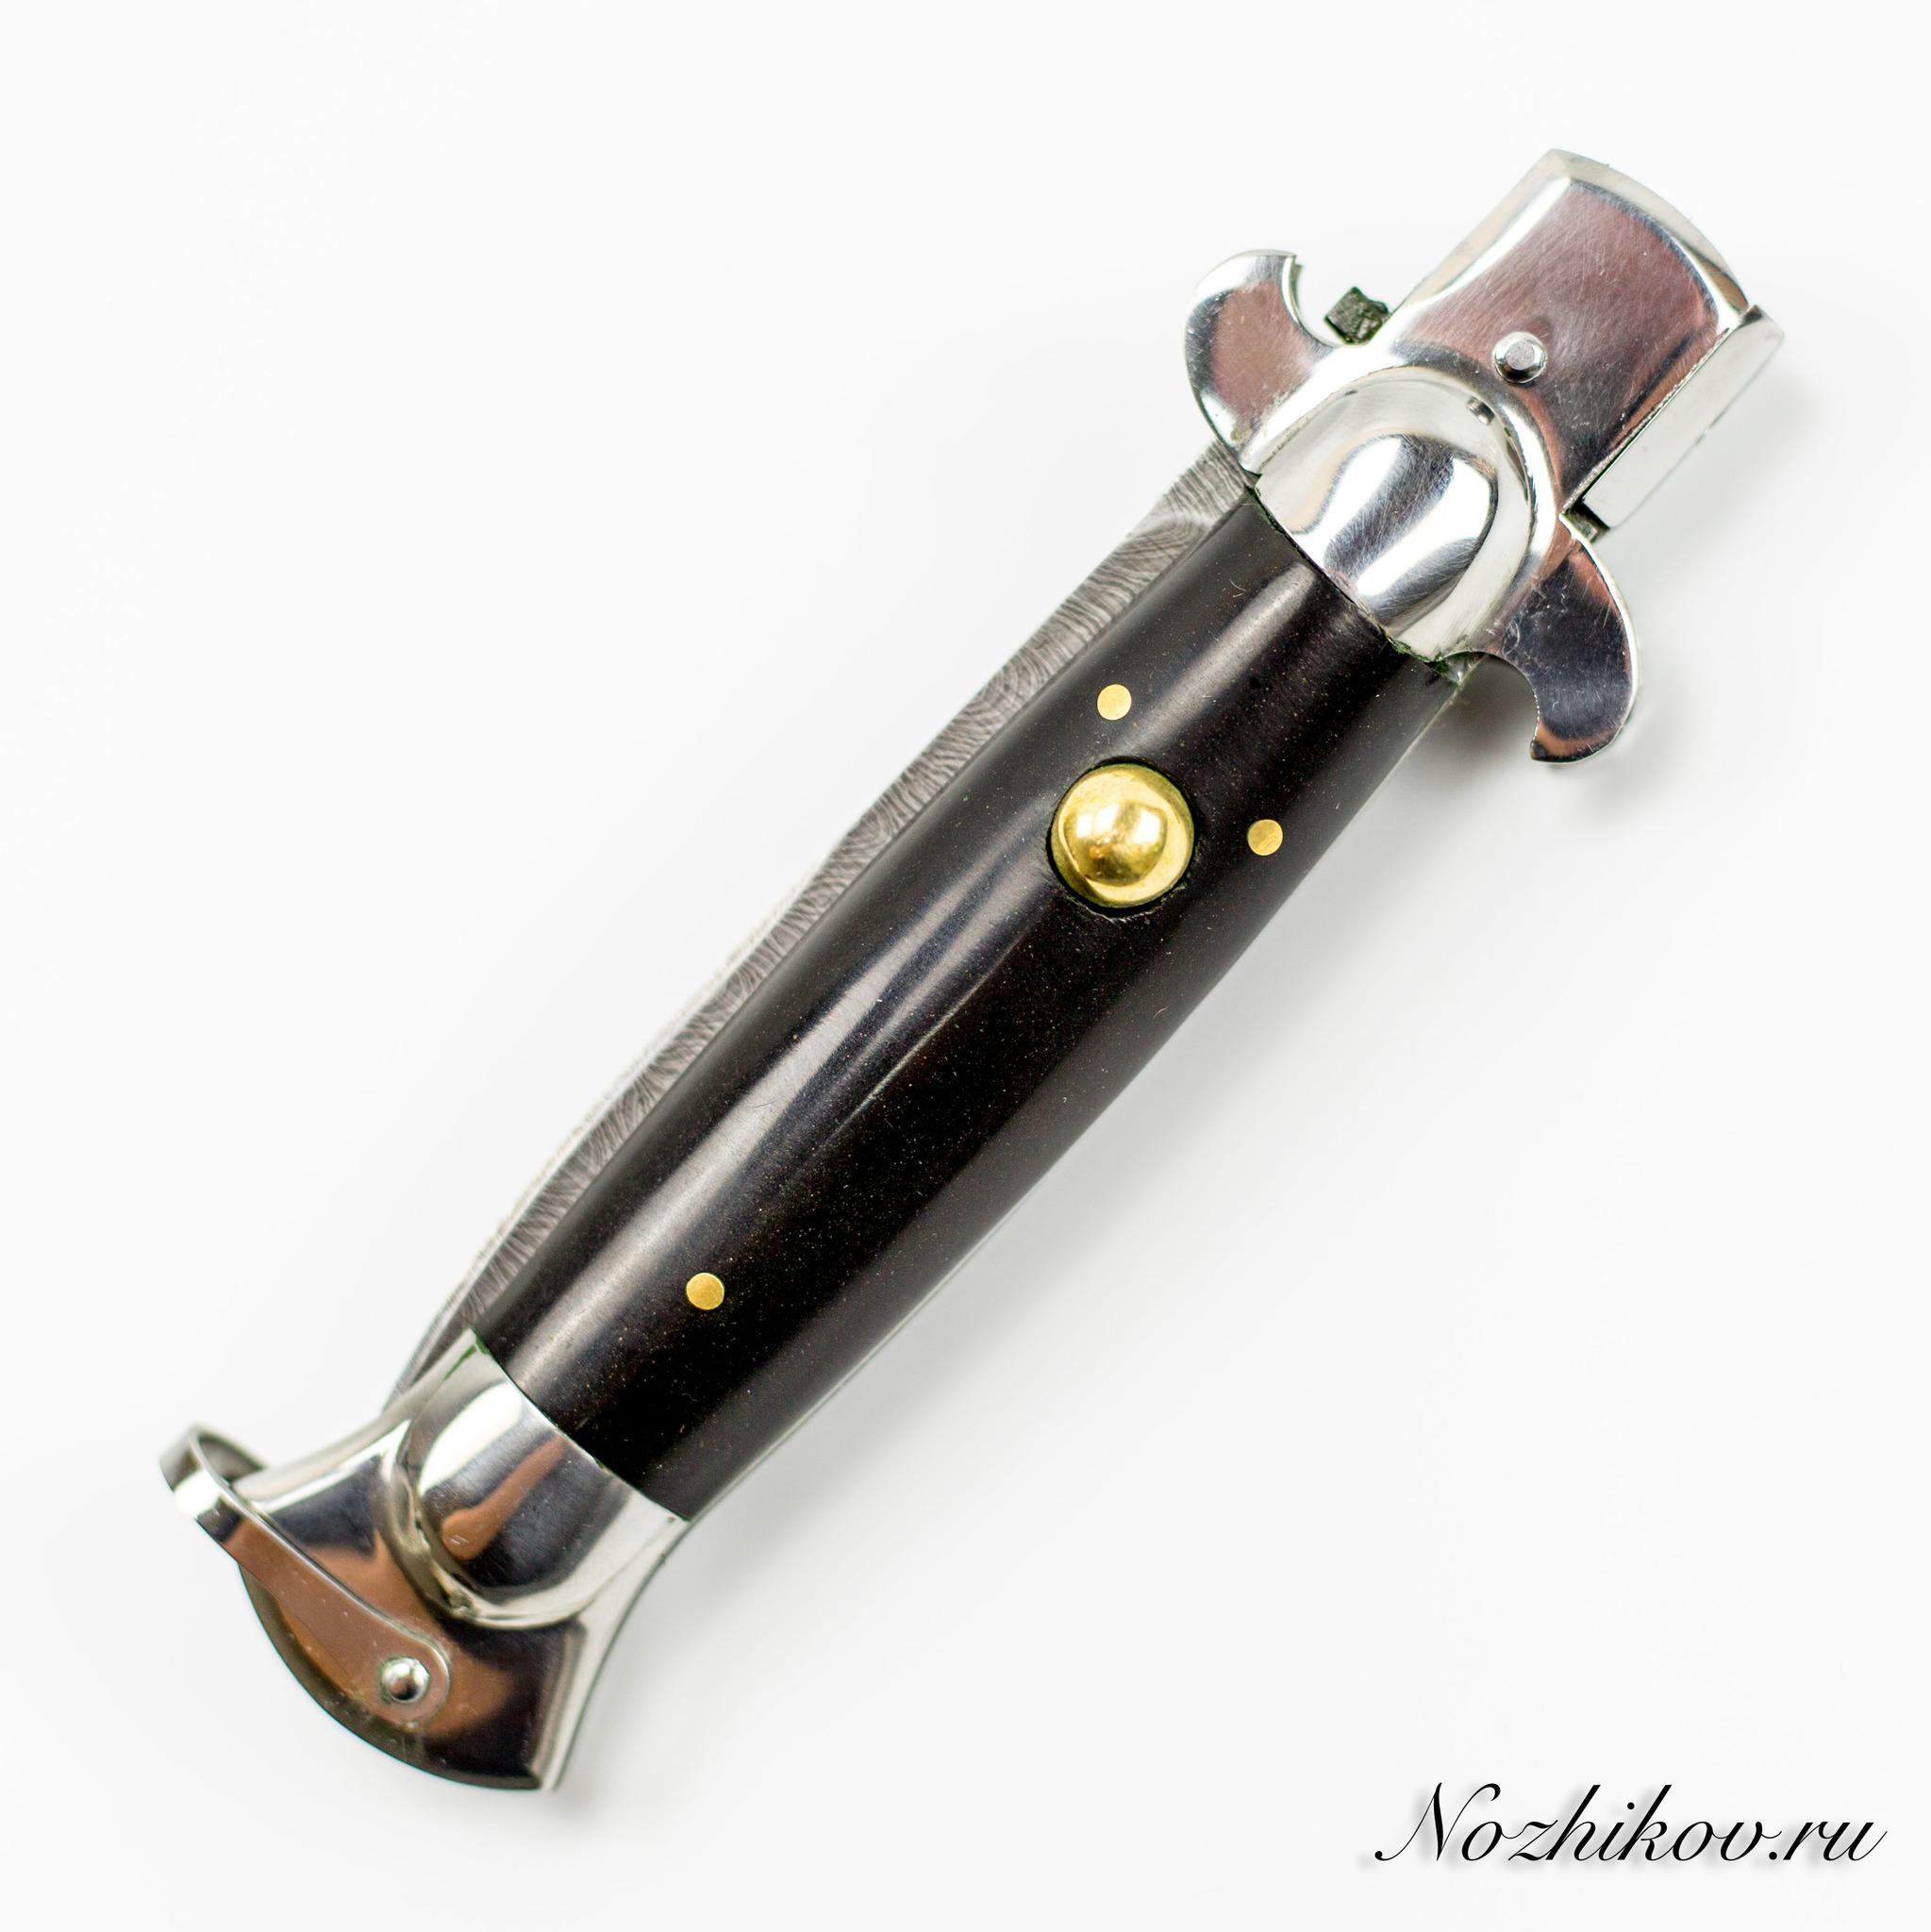 Выкидной нож Флинт от Медтех, дамасская сталь